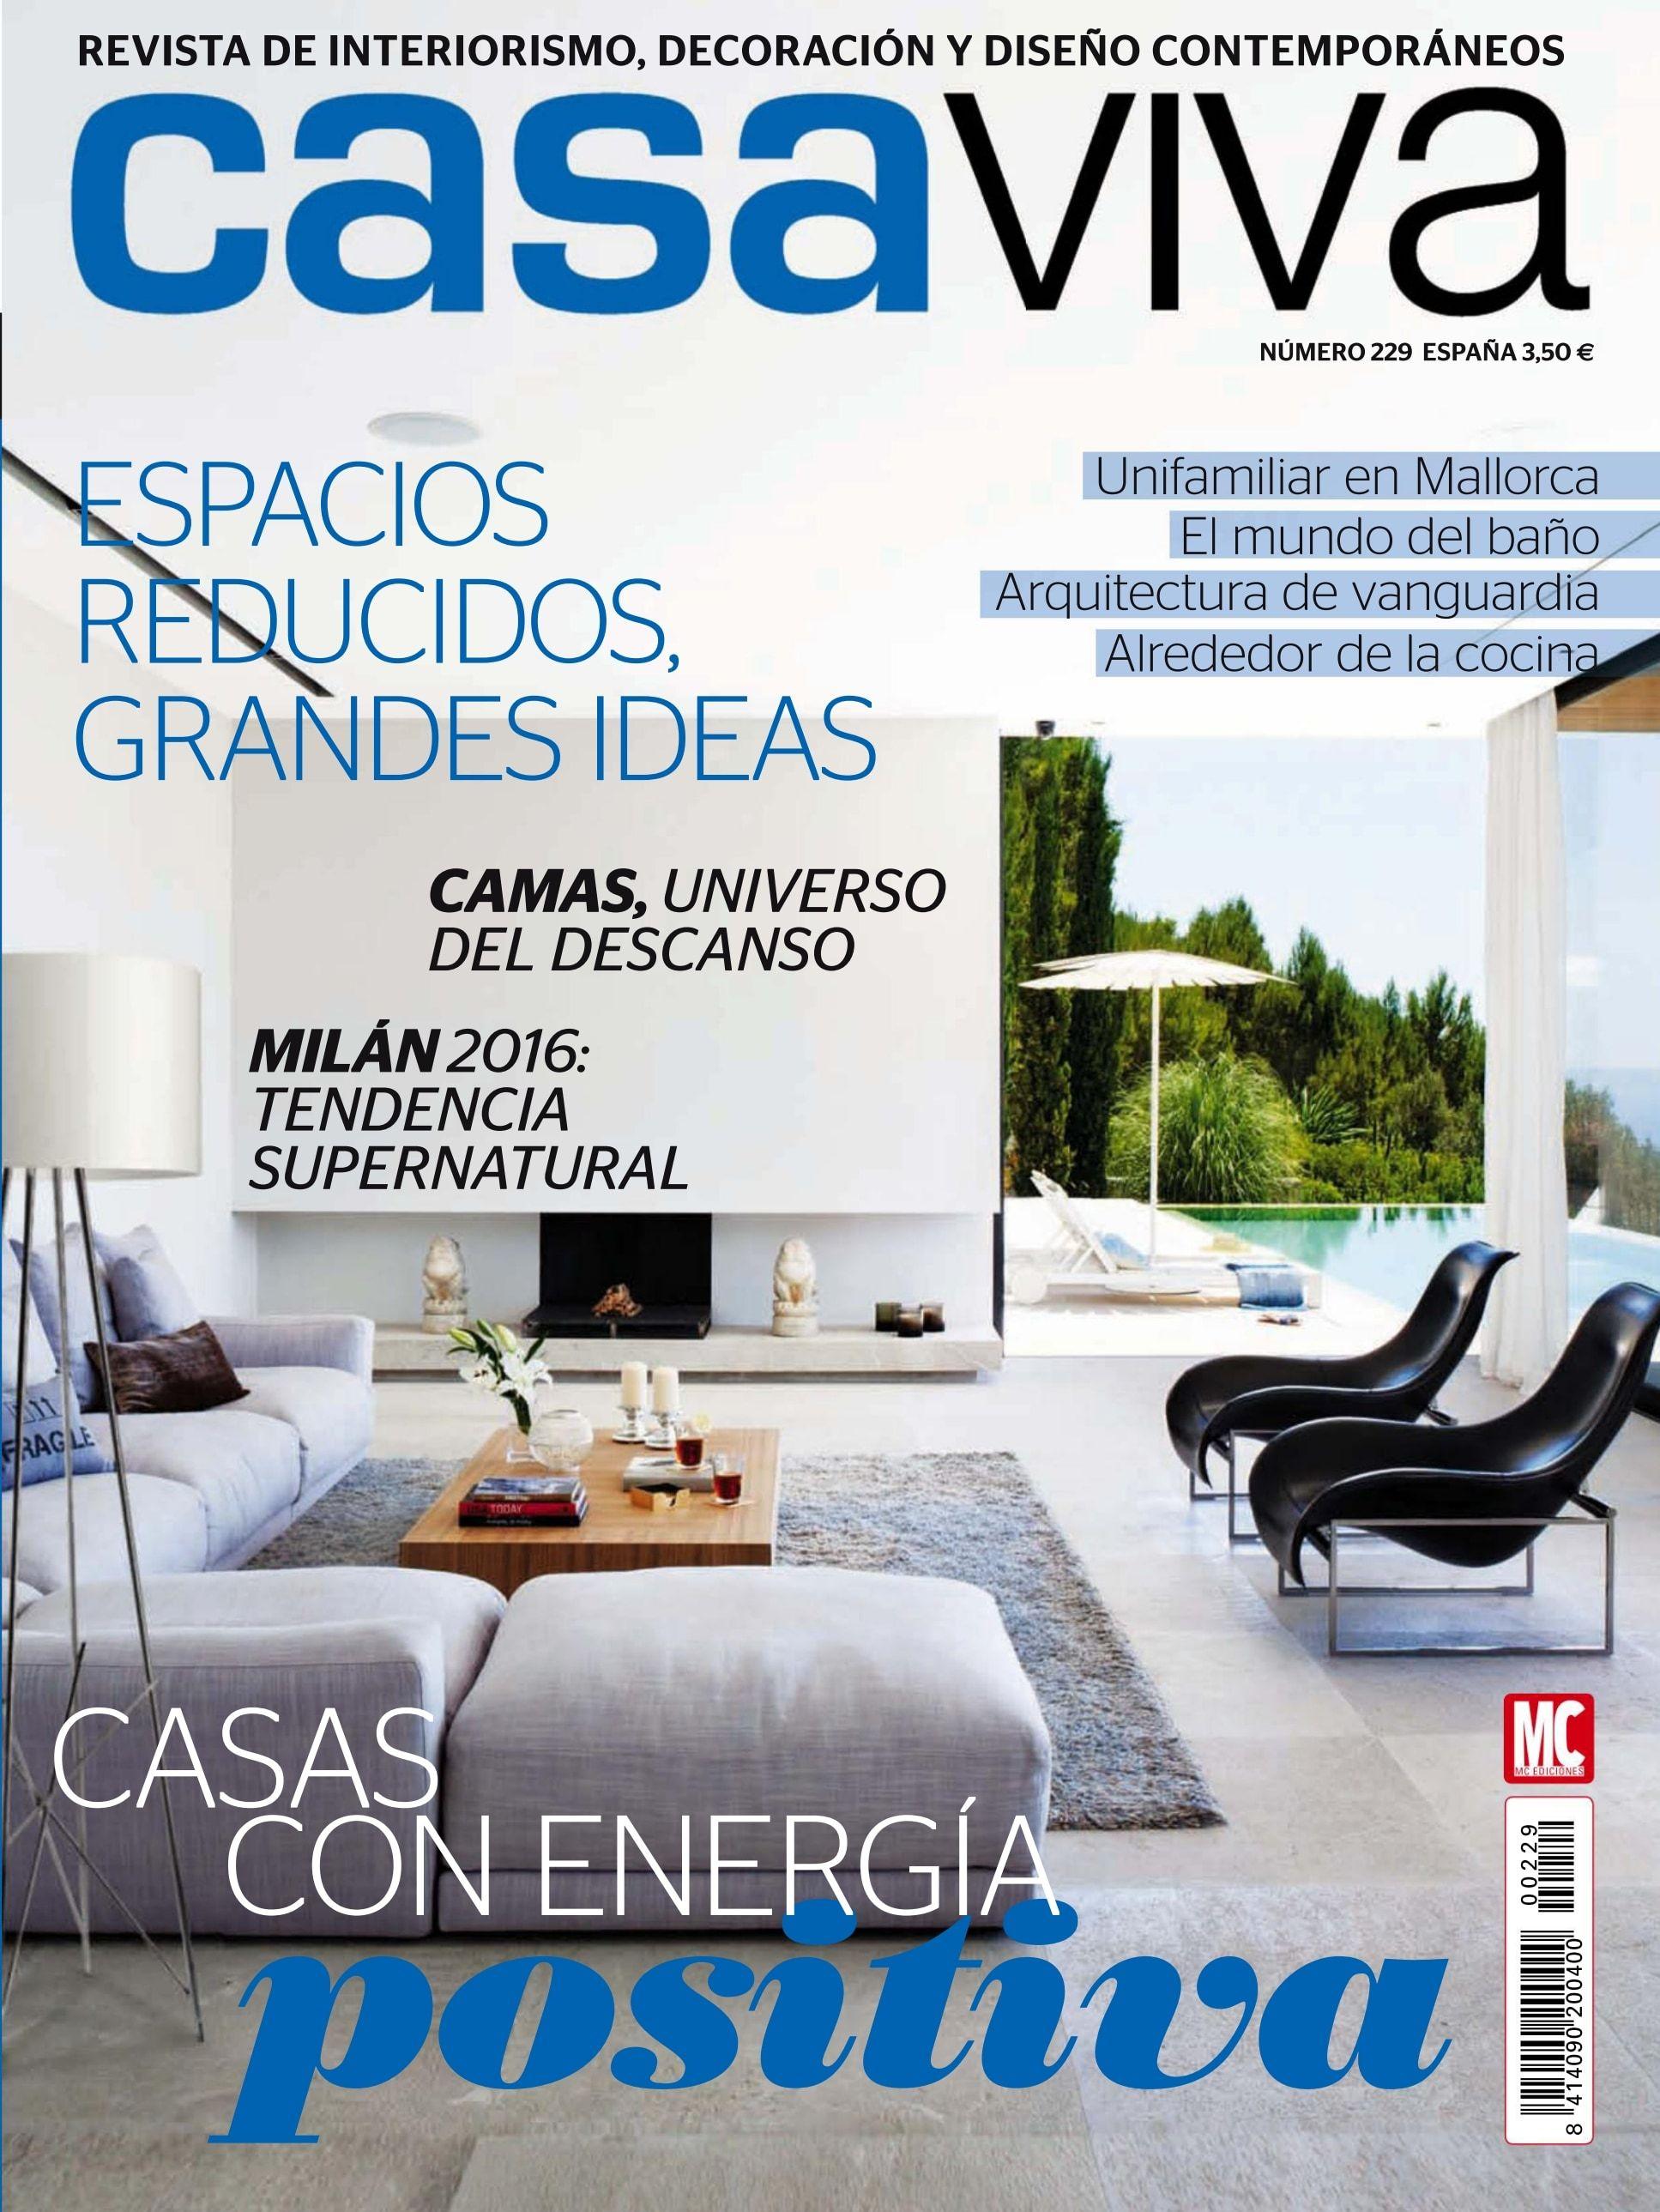 revista casa viva casas con energa positiva espacios reducidos